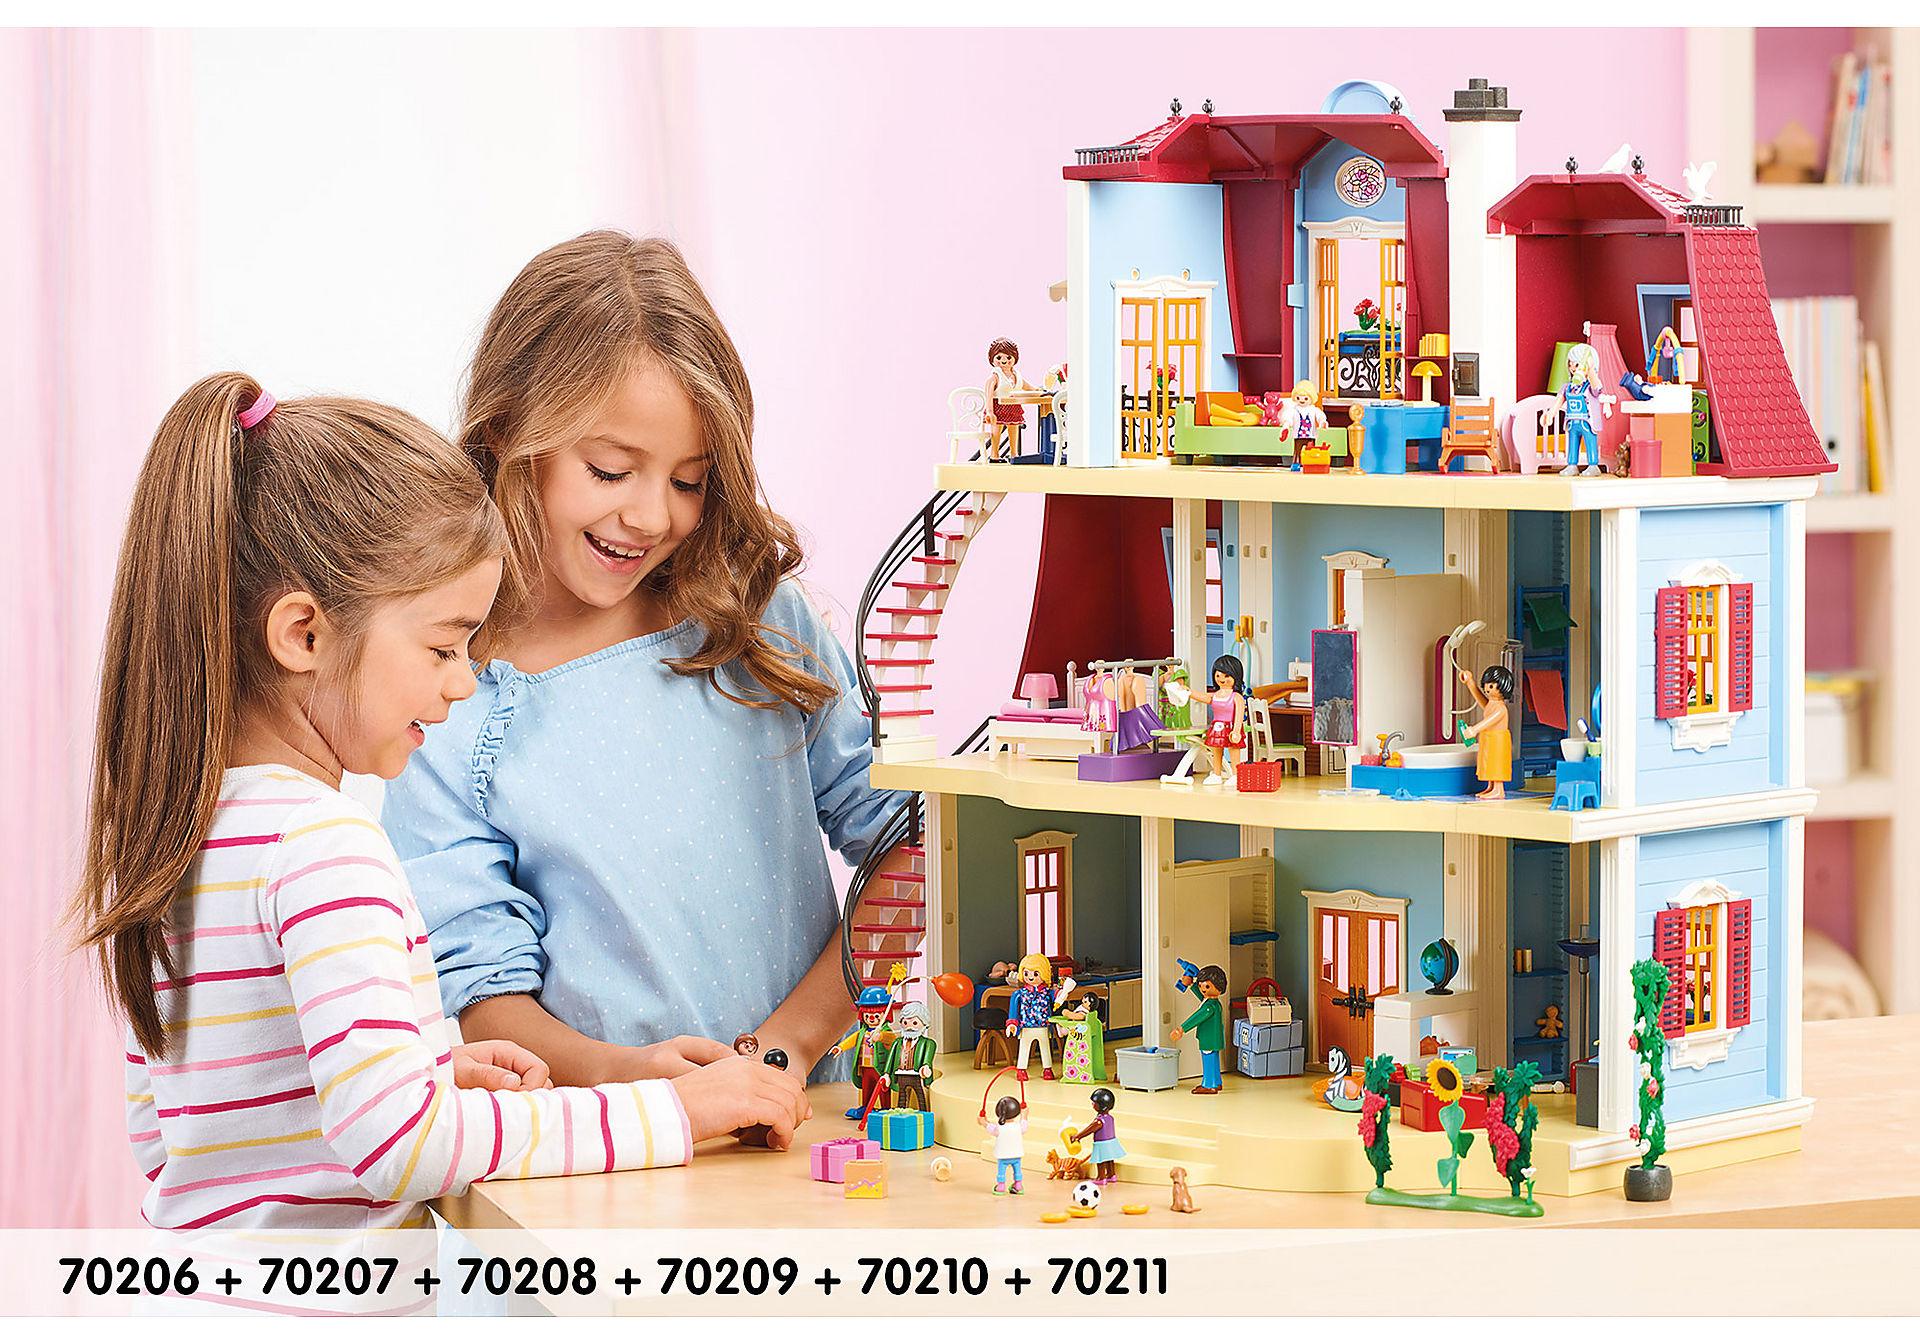 70205 Large Dollhouse zoom image9